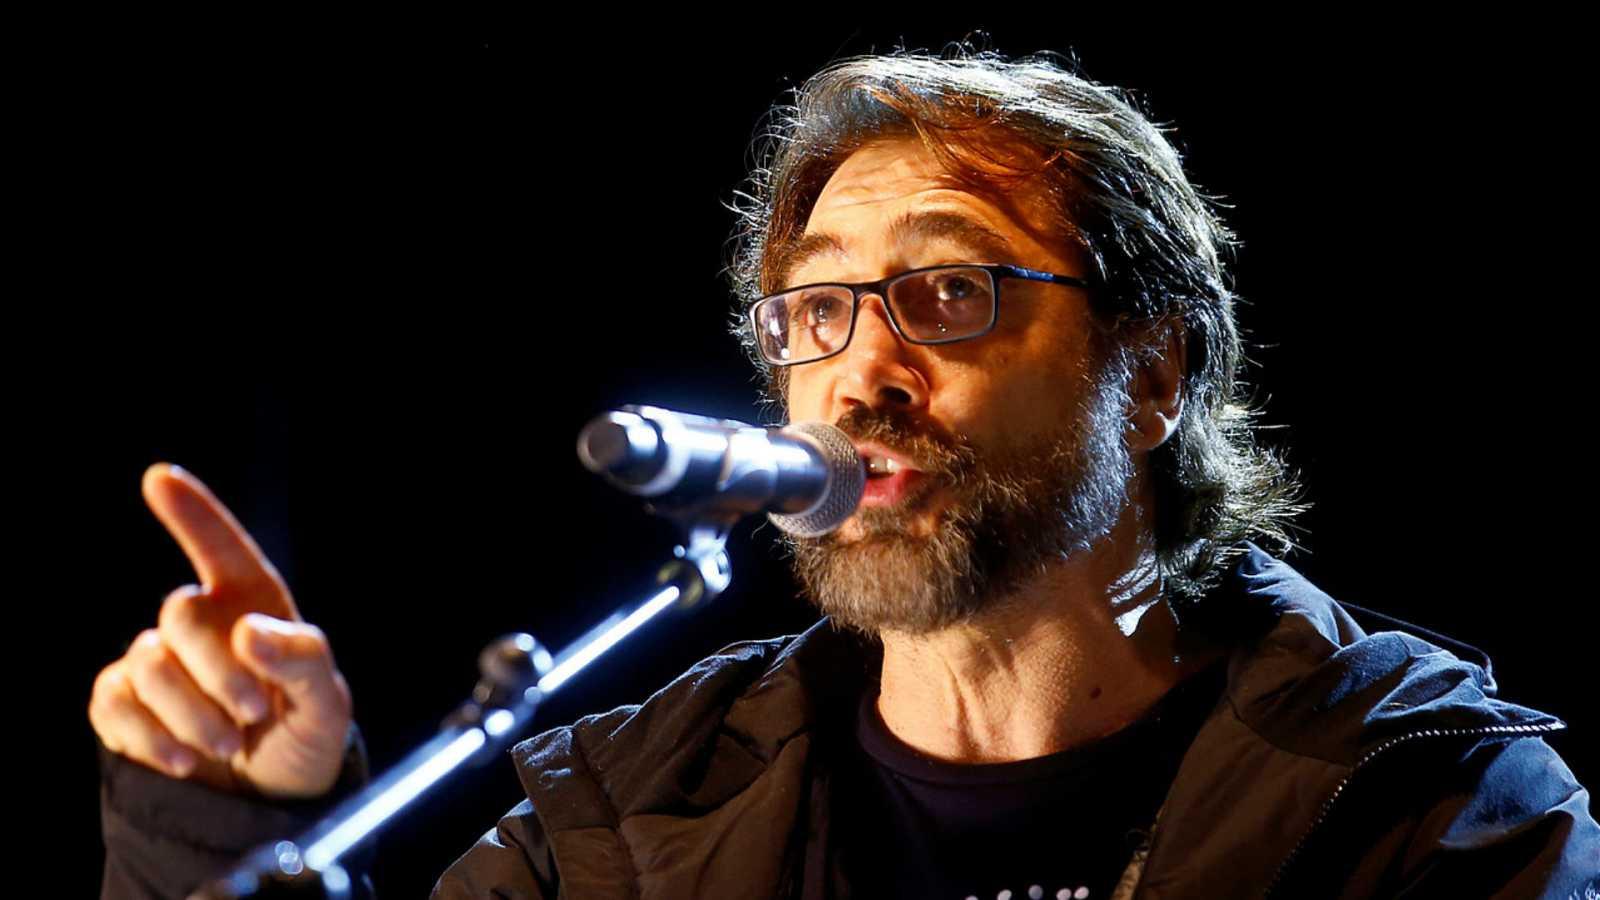 14 horas fin de semana - Javier Bardem pide disculpal al alcalde Almeida - Escuchar ahora